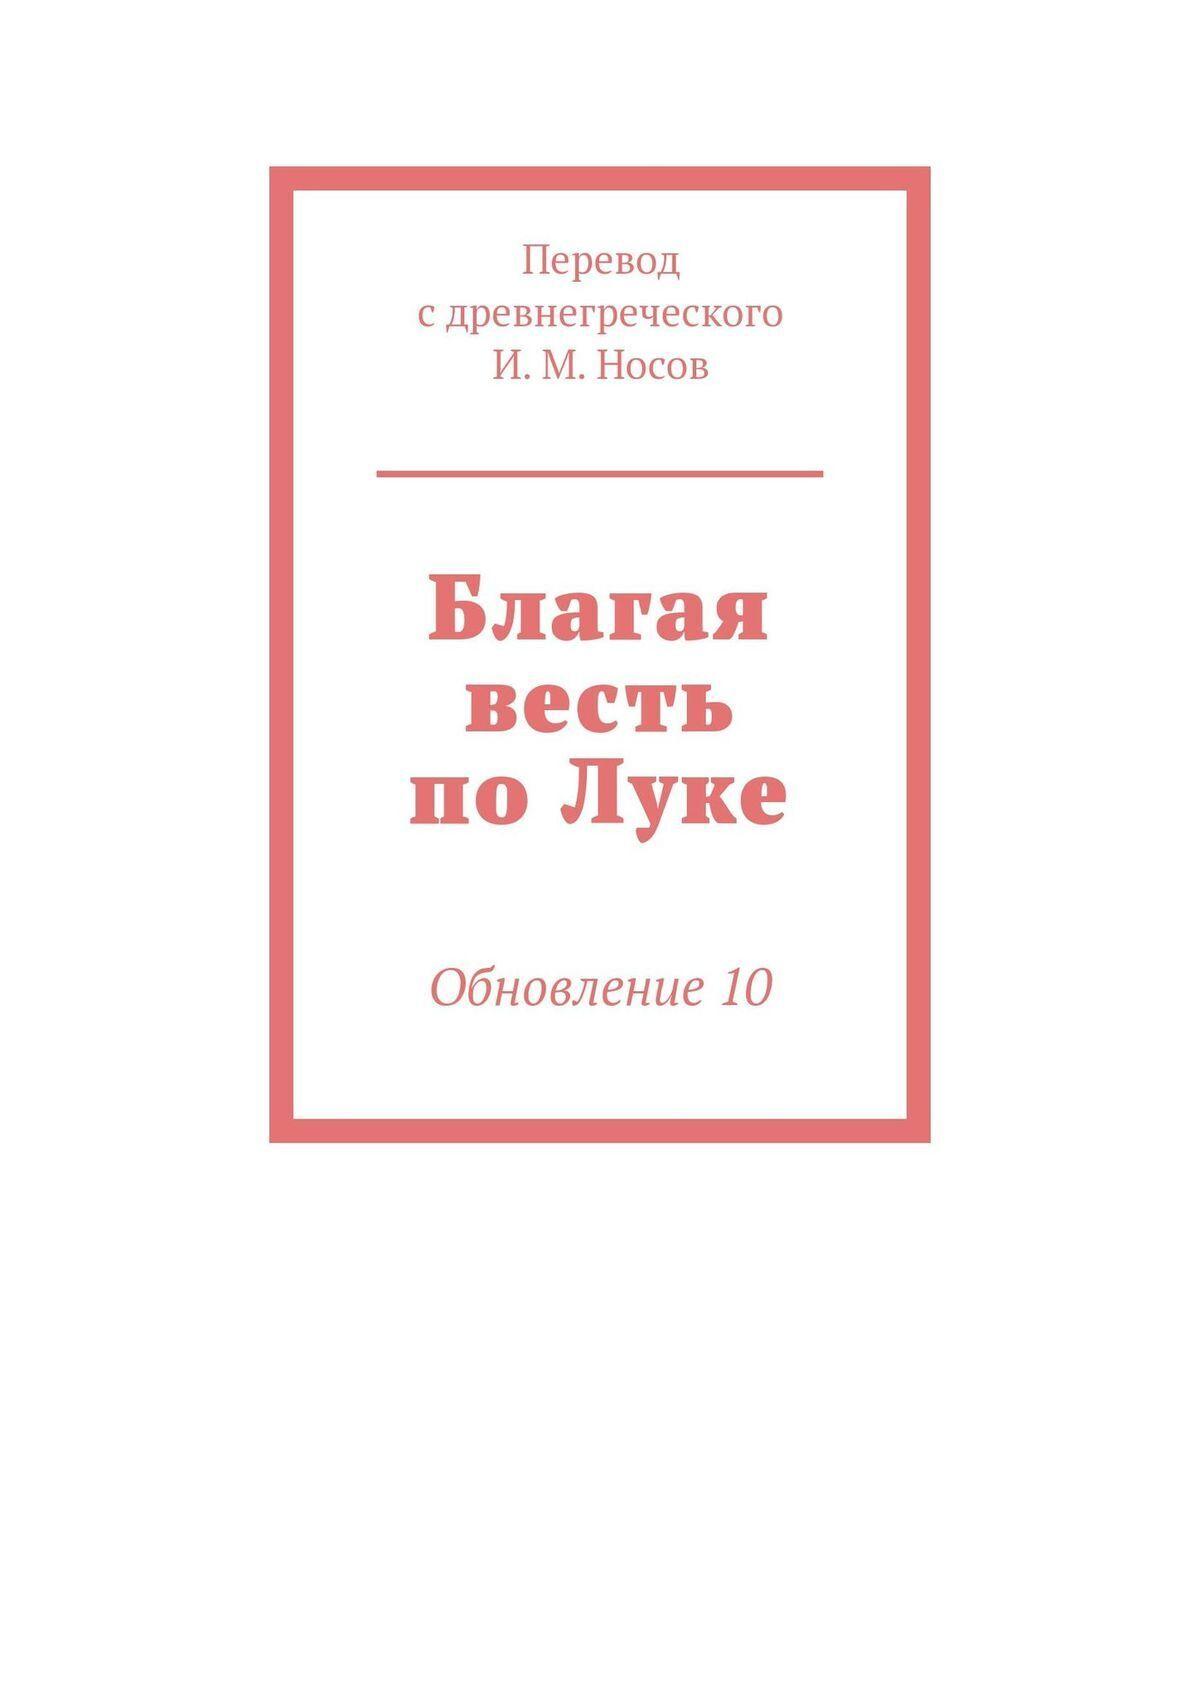 Носов И.М. Благая весть поЛуке. Издание 2-ое